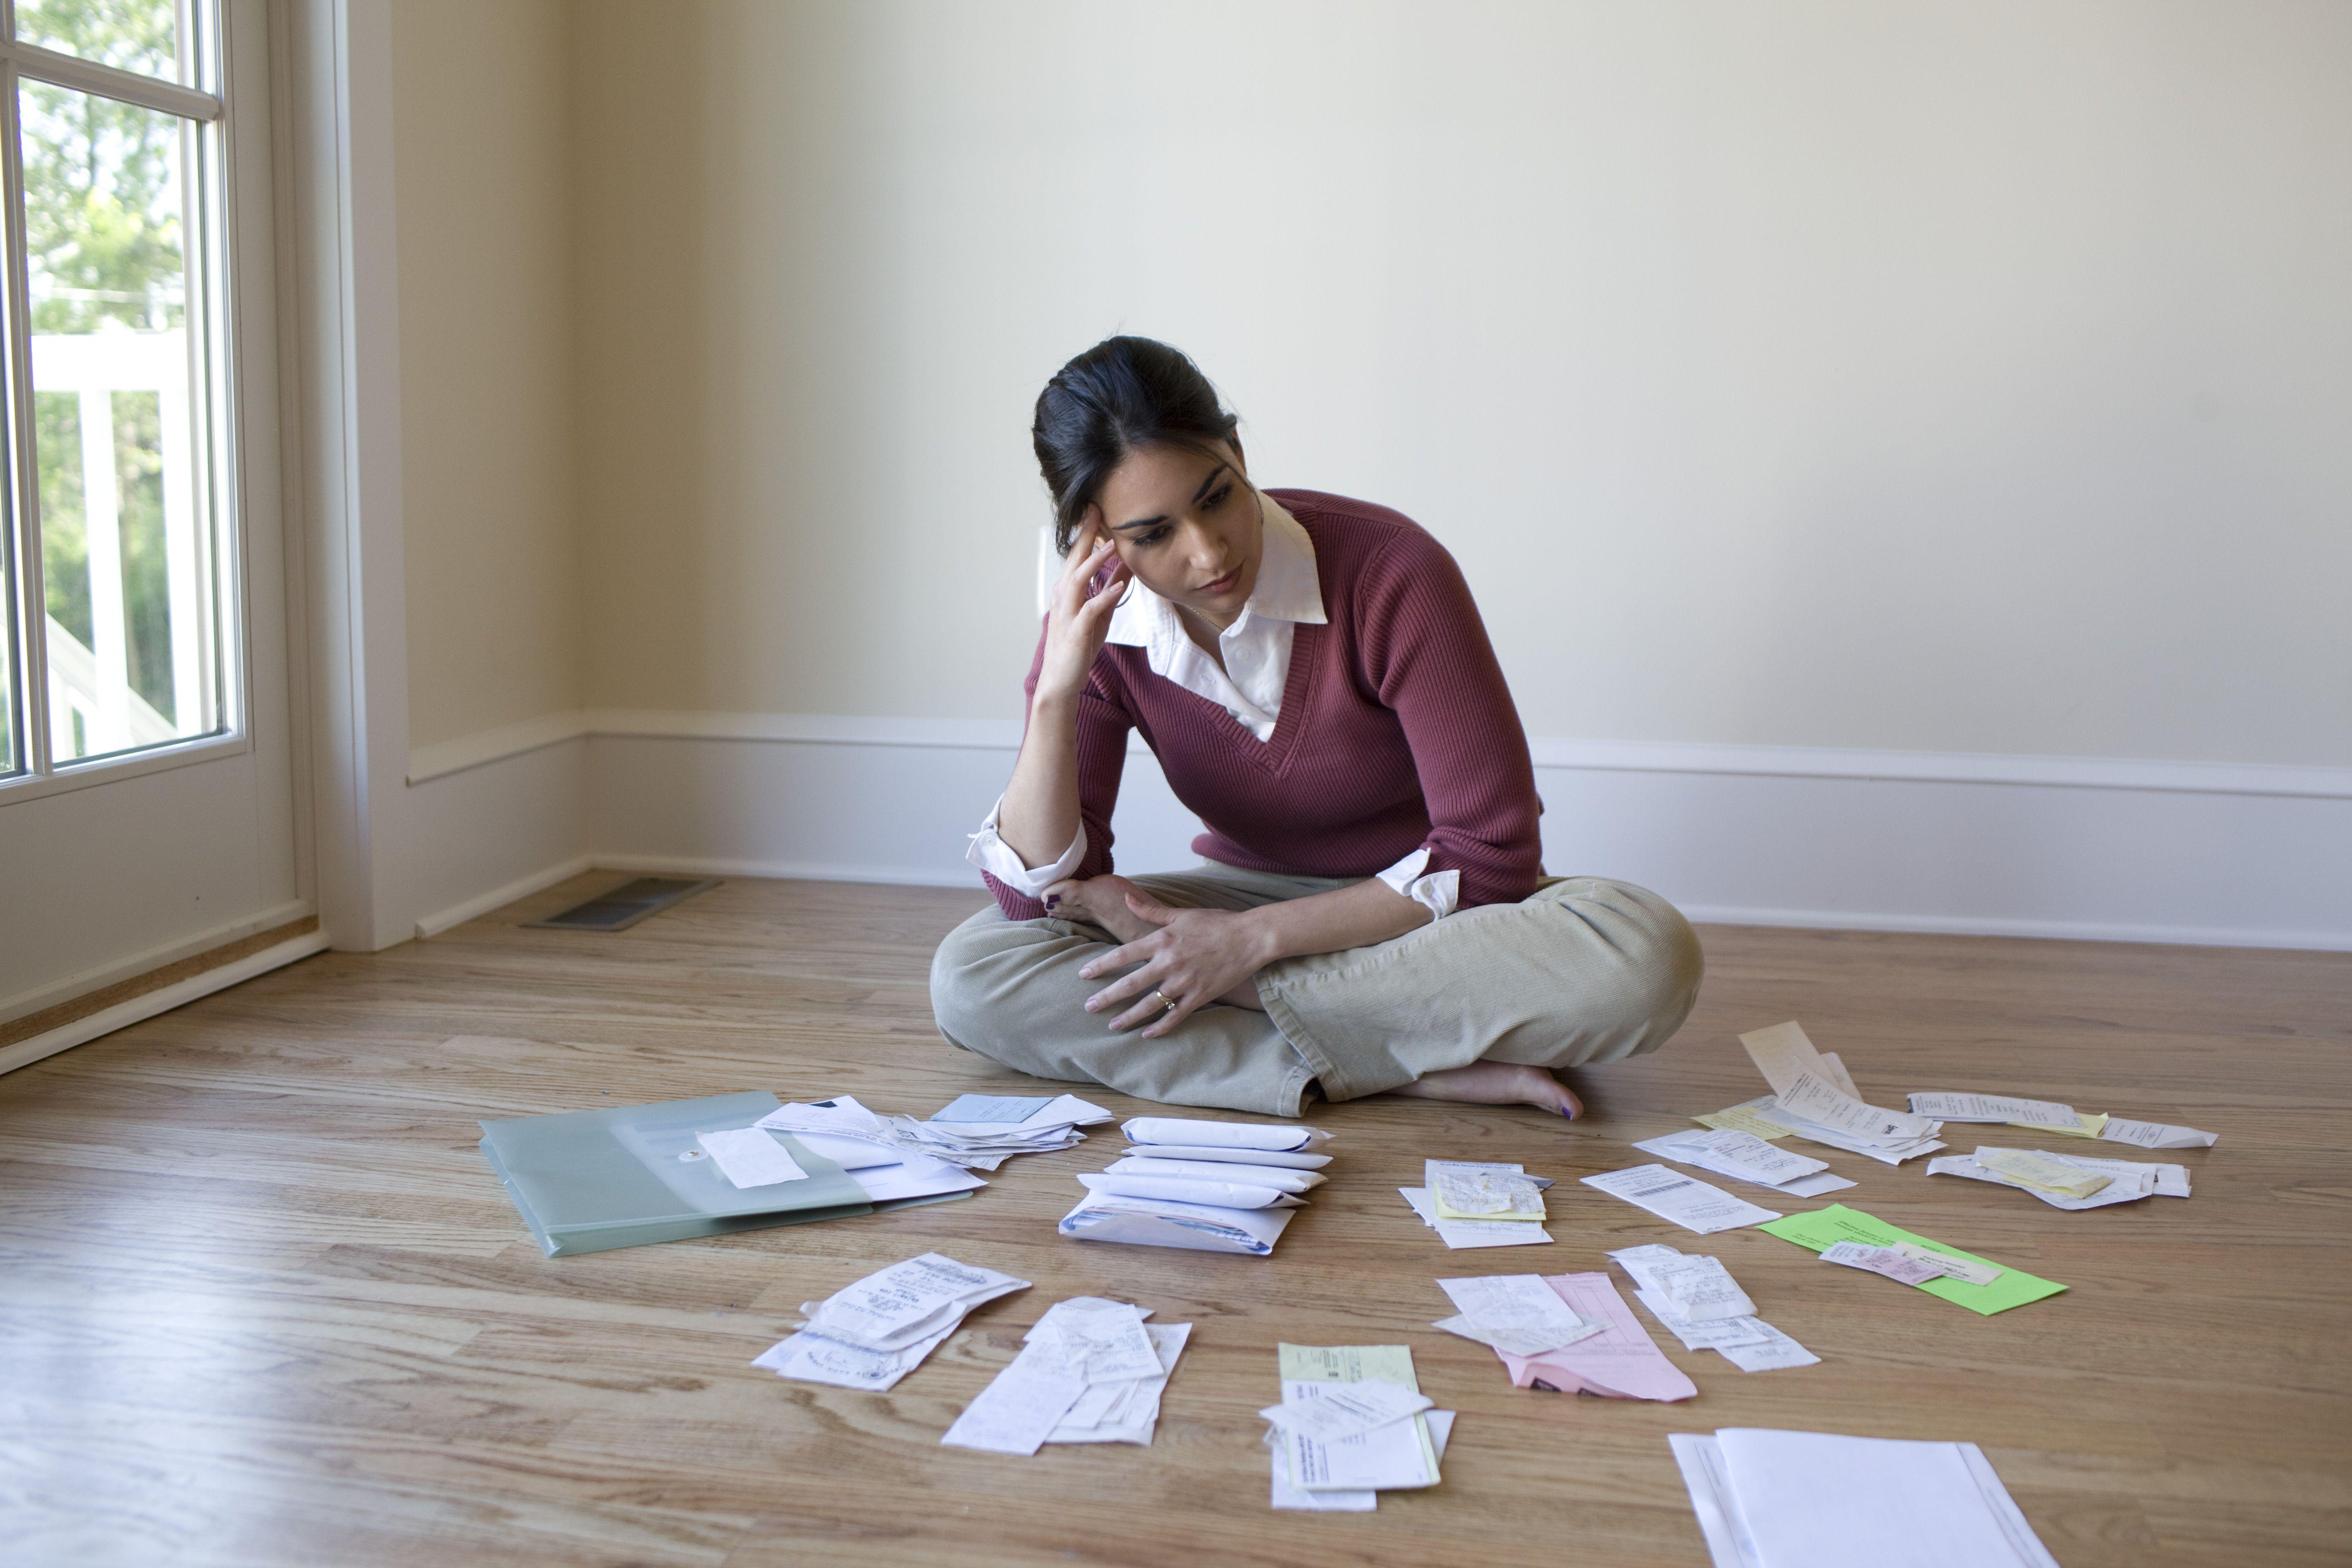 Muchacha sentada en el suelo preocupada ante facturas y recibos